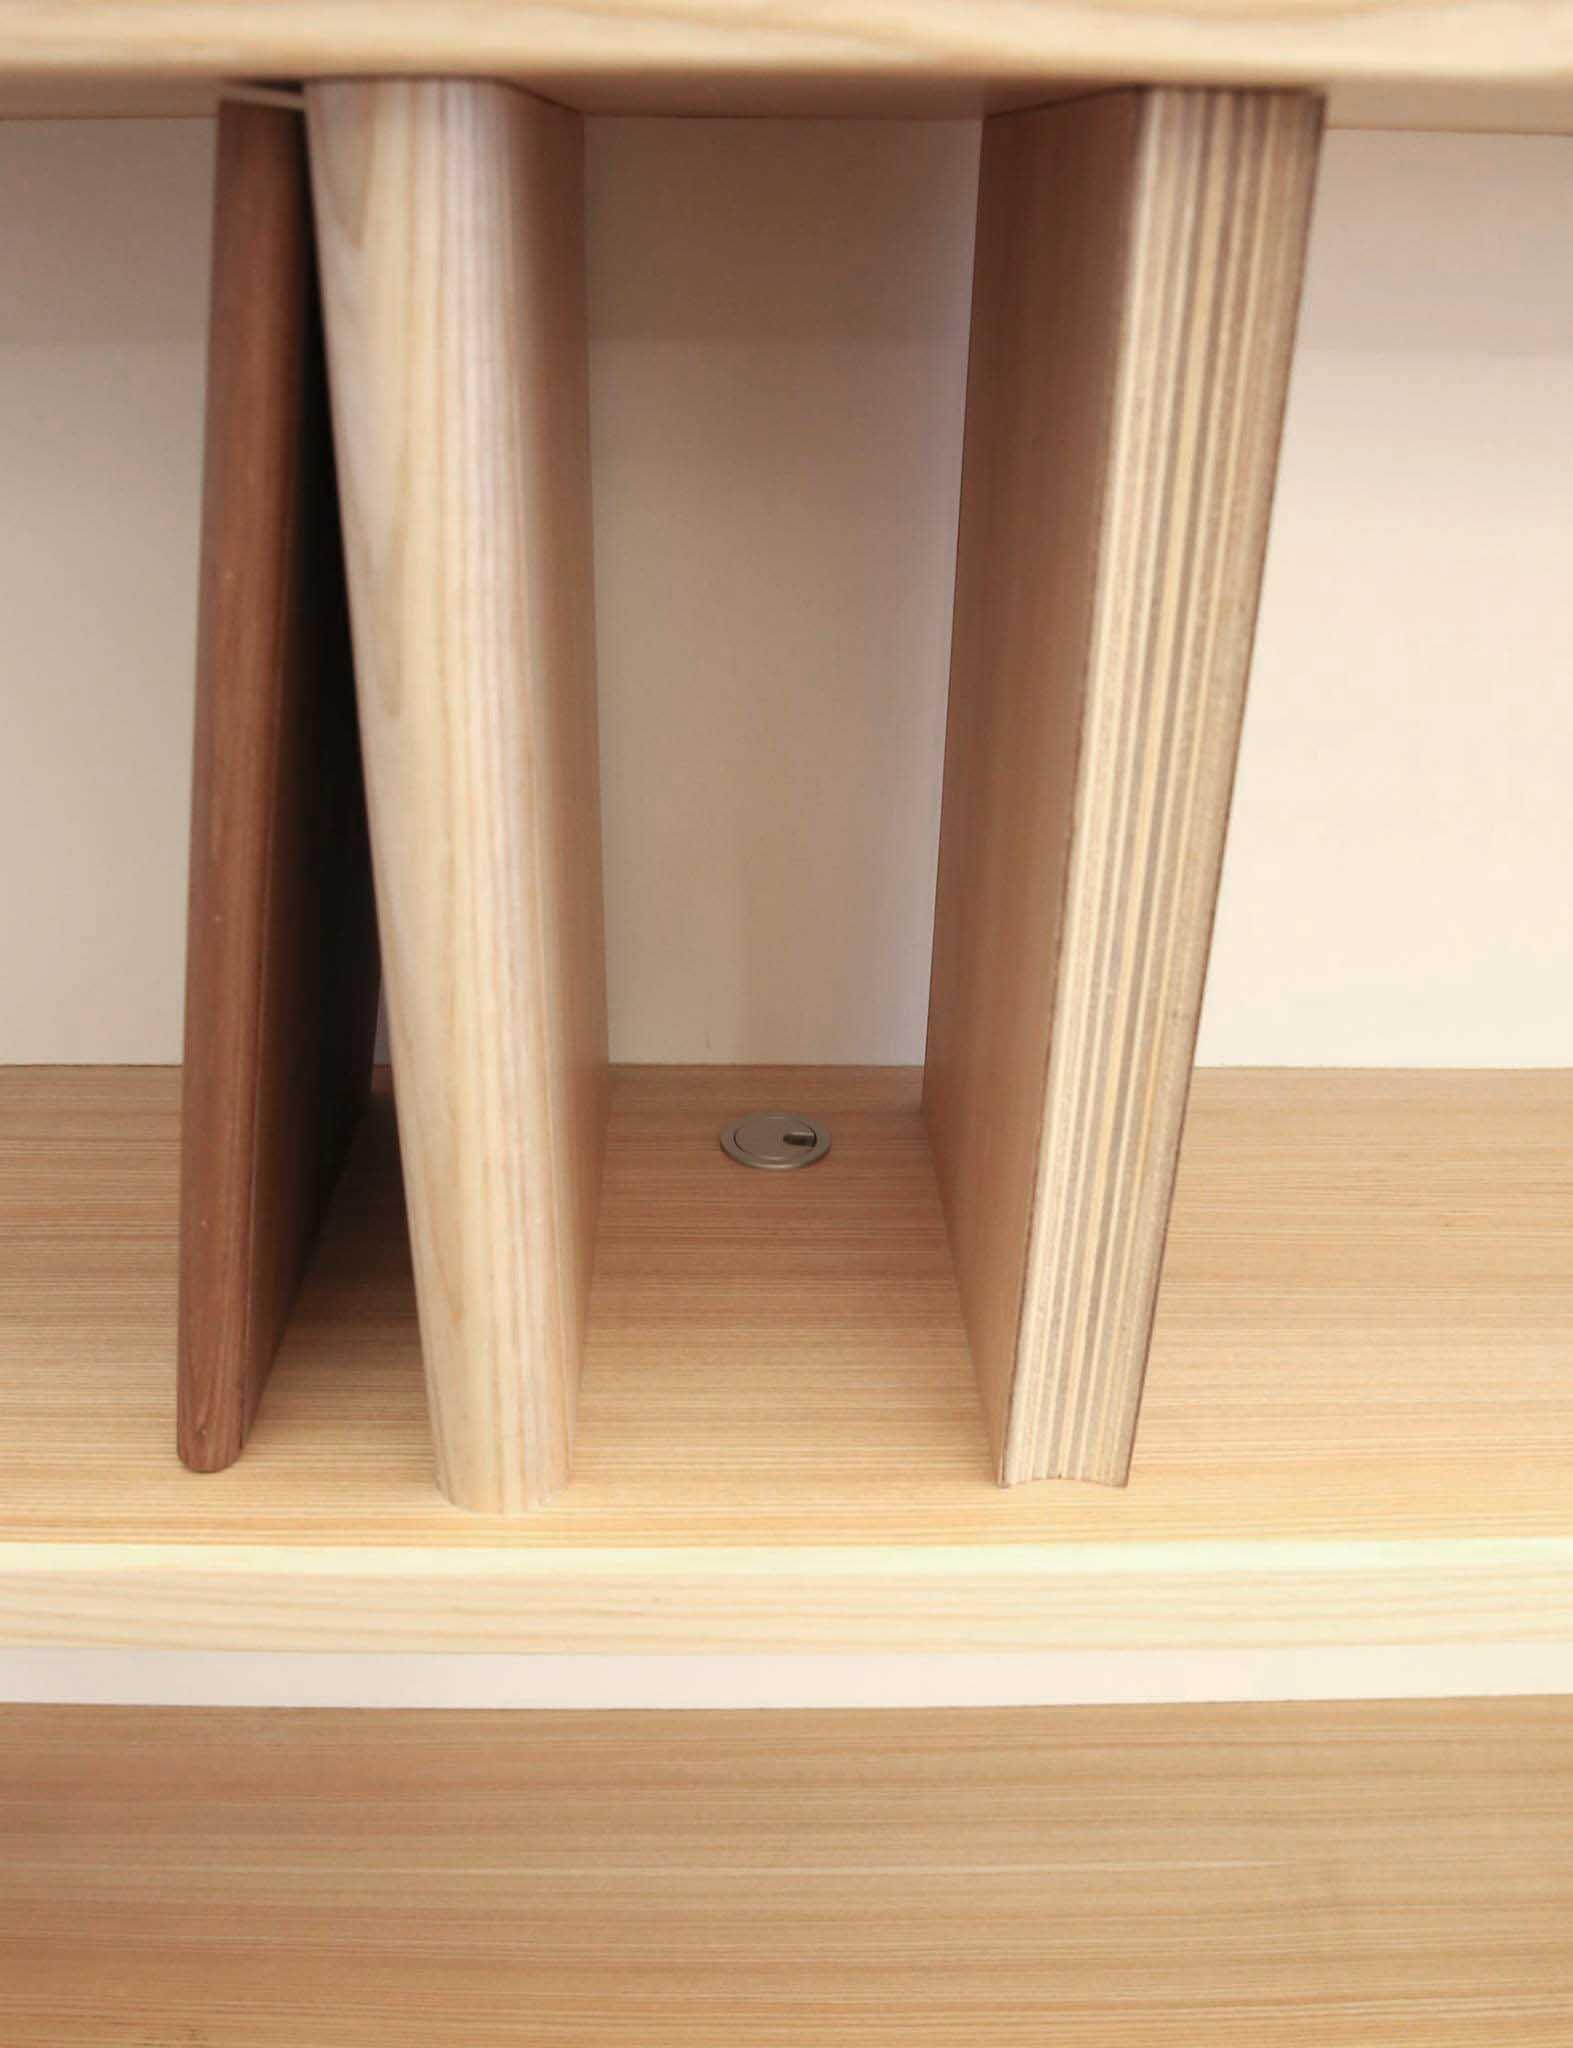 書架上留有小出線孔,日後可以加上精巧的燈具點綴